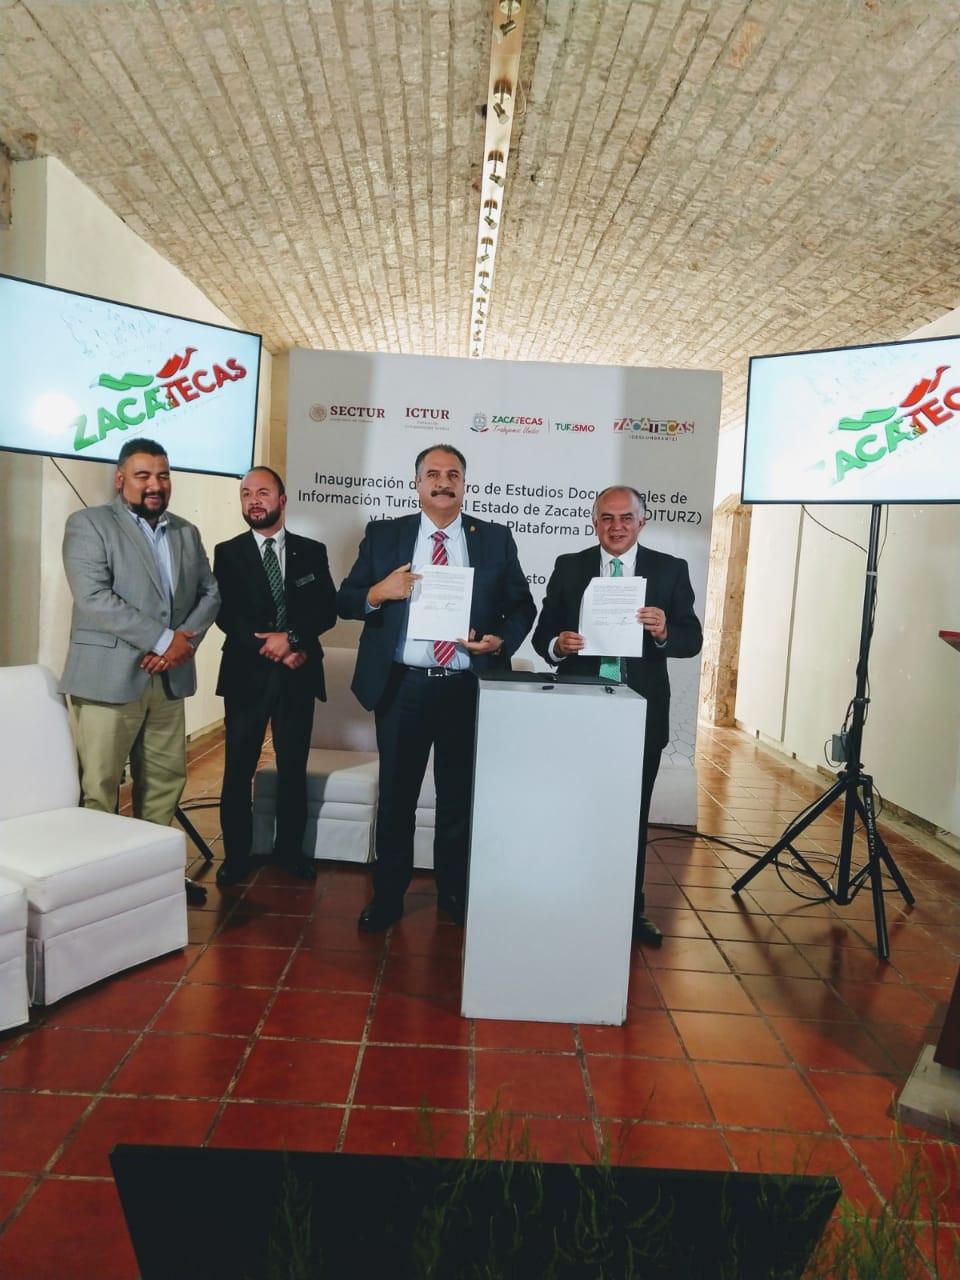 FIRMA DE CONVENIO CON SECTUR E INAGURACION DEL CEDITURZ Y LANZAMIENTO DE LA PLATAFORMA DIGITAL